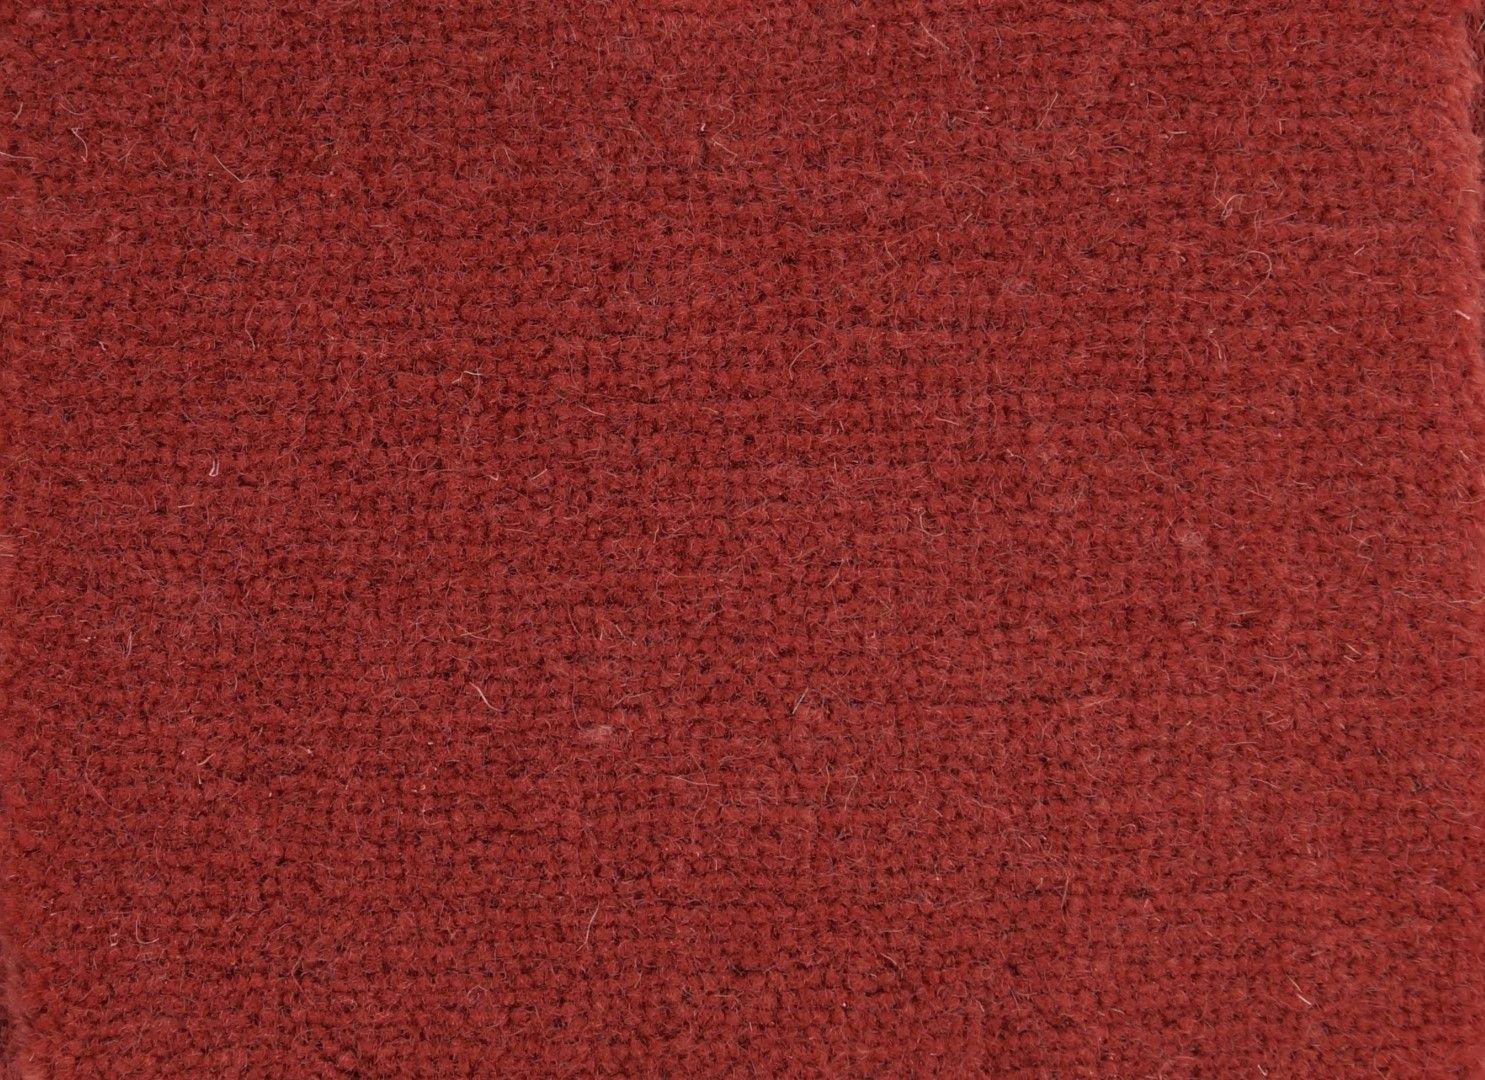 ga vieux rose collection de moquettes haut de gamme tisses 100 laine unies - Moquette Haut De Gamme